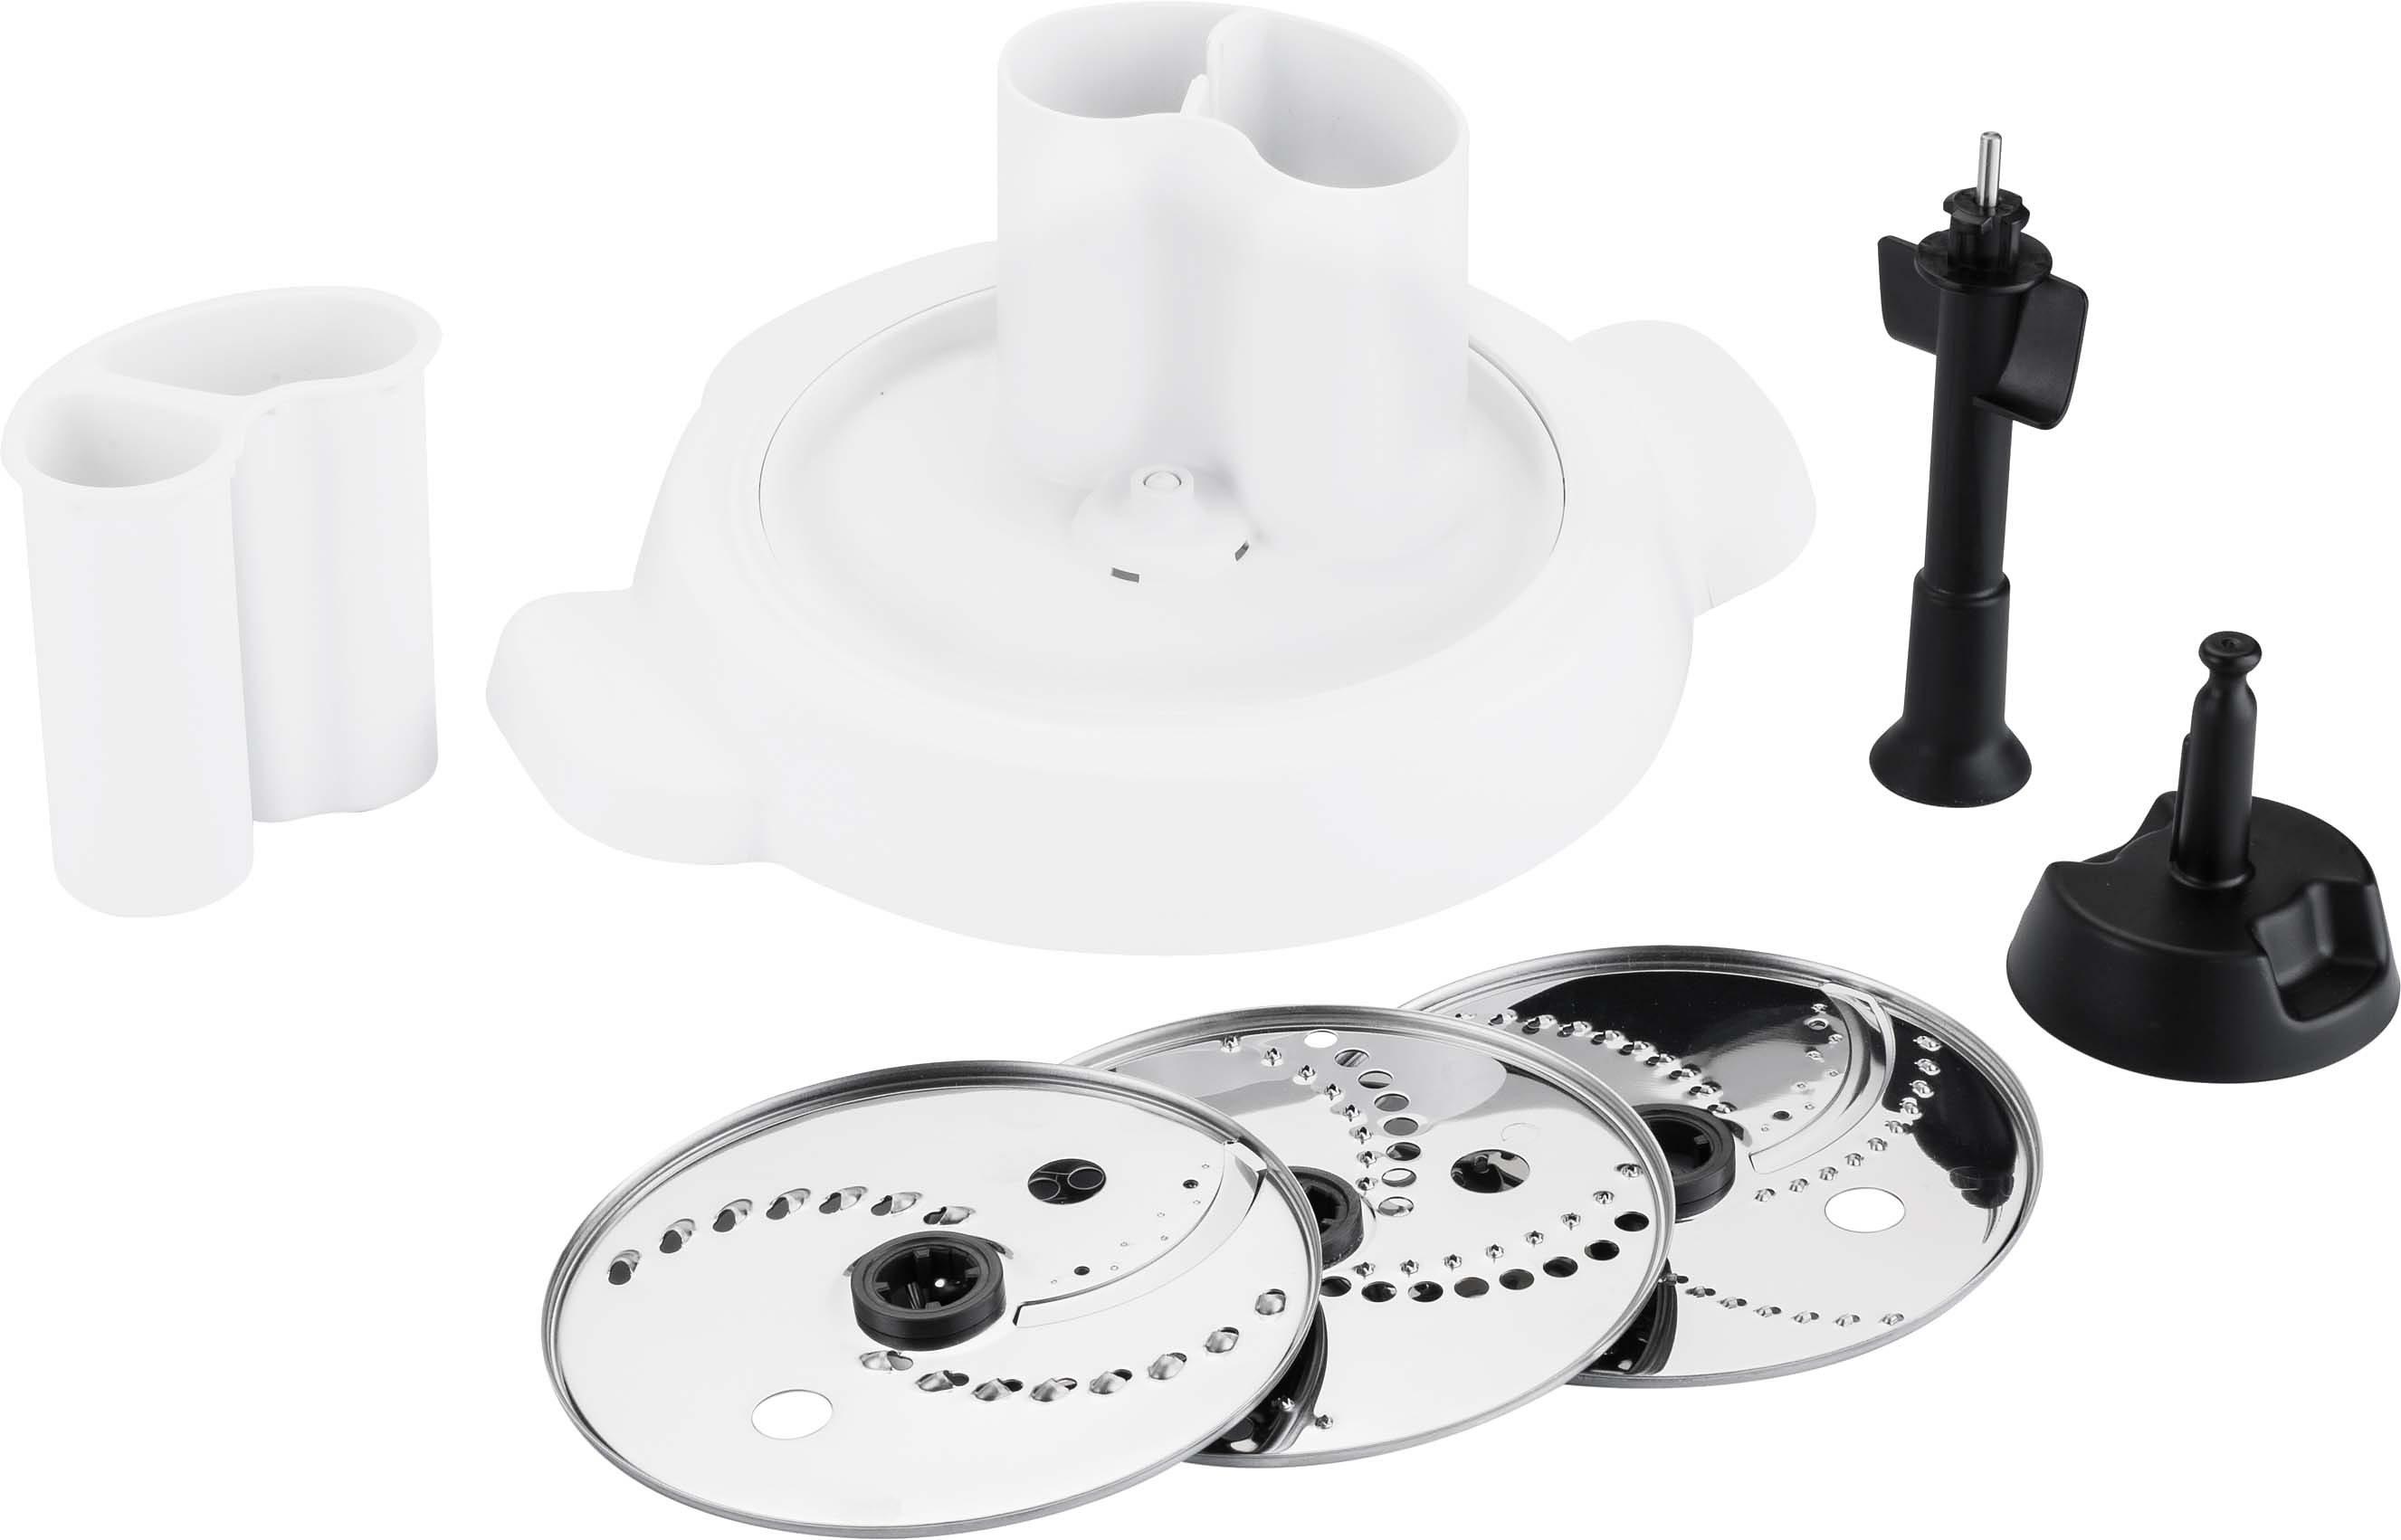 Krups Zubehör: Shred & Slice Schnitzelwerk XF551D für Küchenmaschine Prep & Cook HP5031